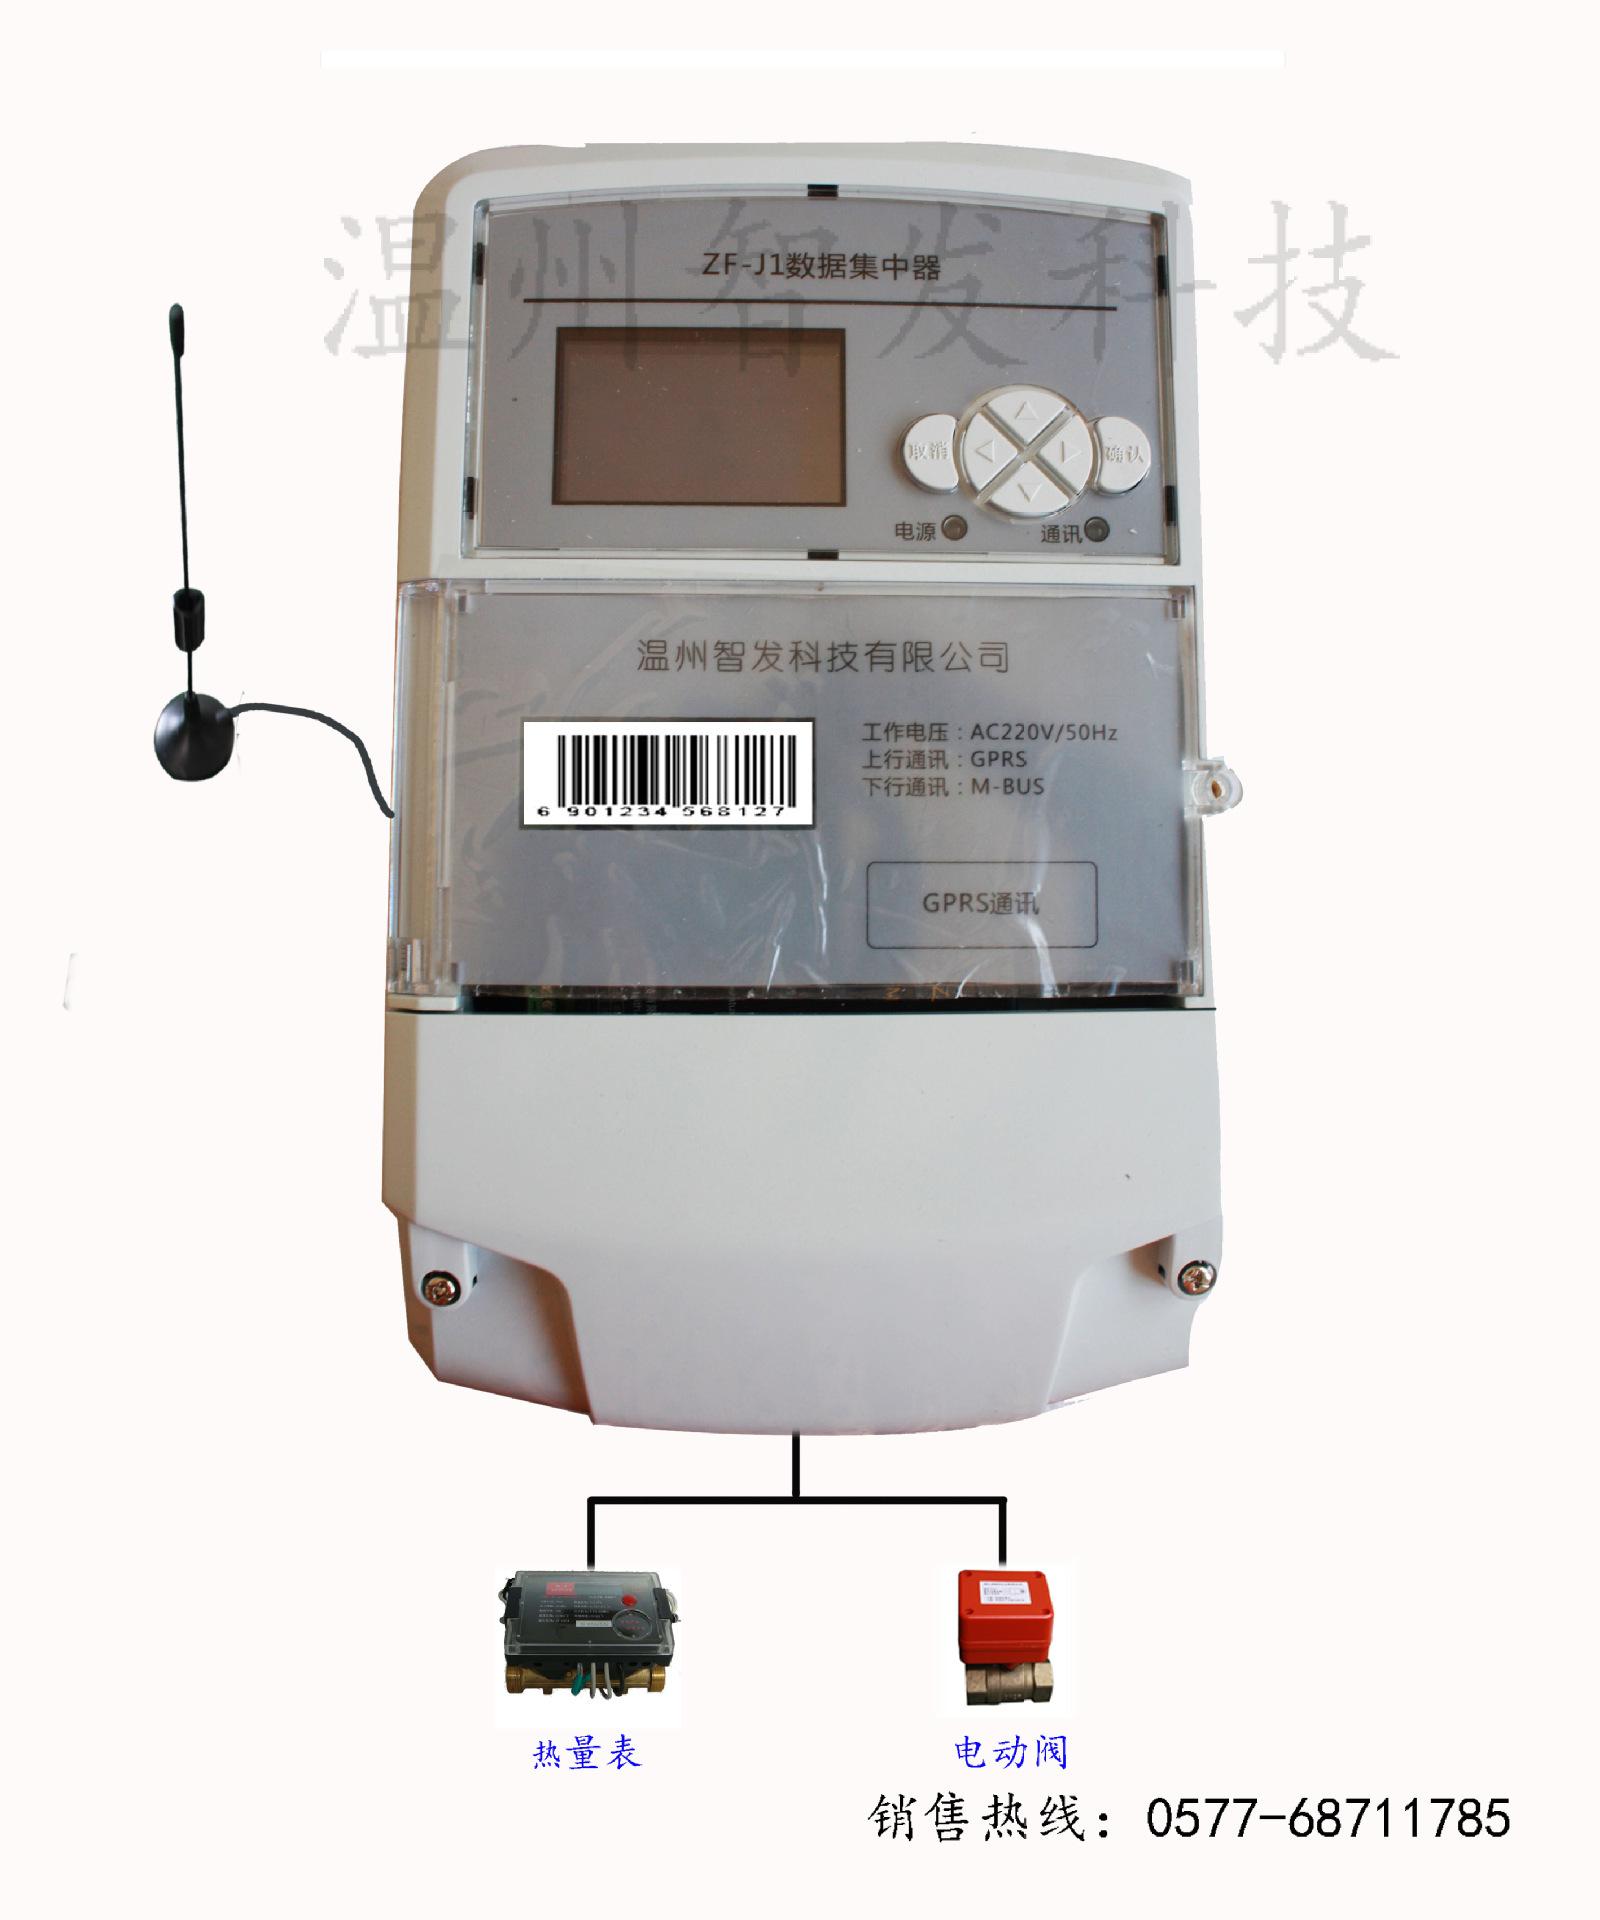 无线网络温控器 集中后台控制中央空调 性能稳定 厂家直销